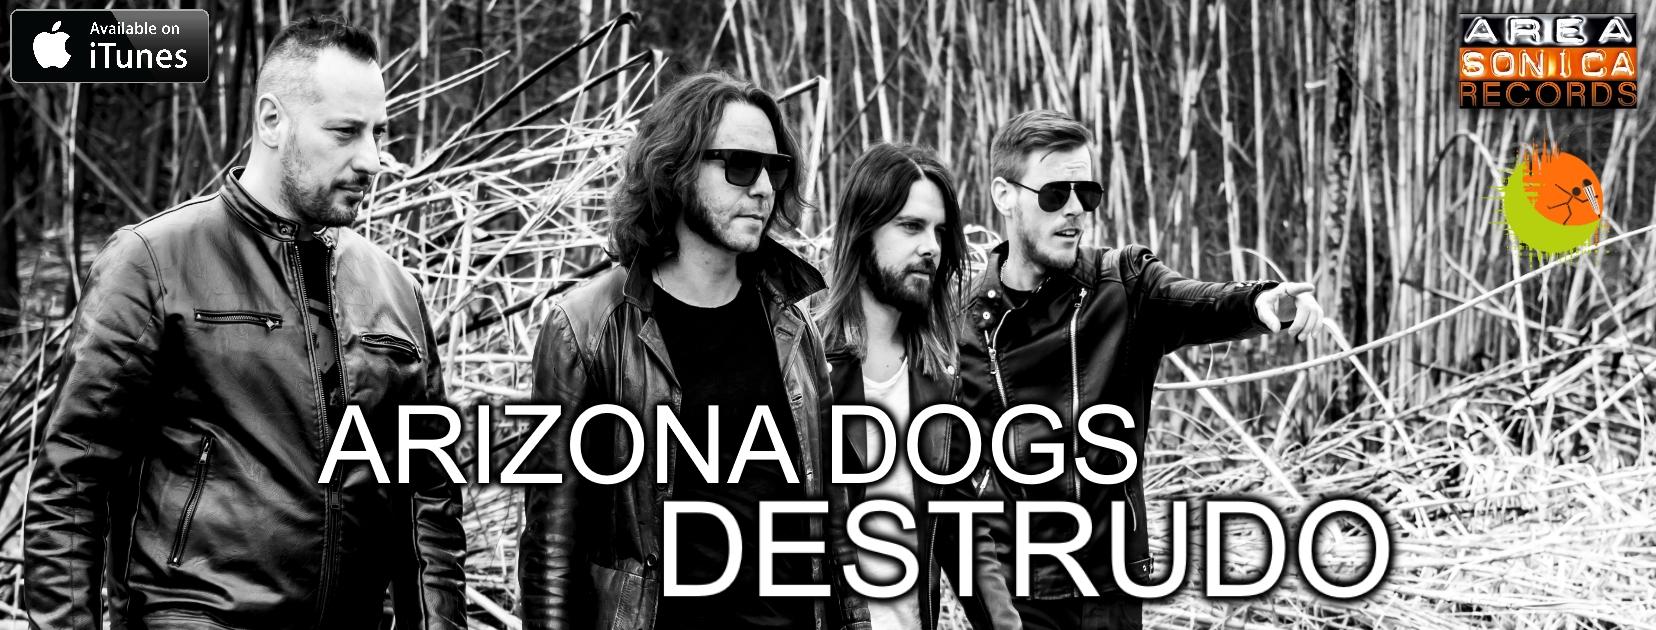 IMMAGINI_FACEBOOK_ArizonaDogs